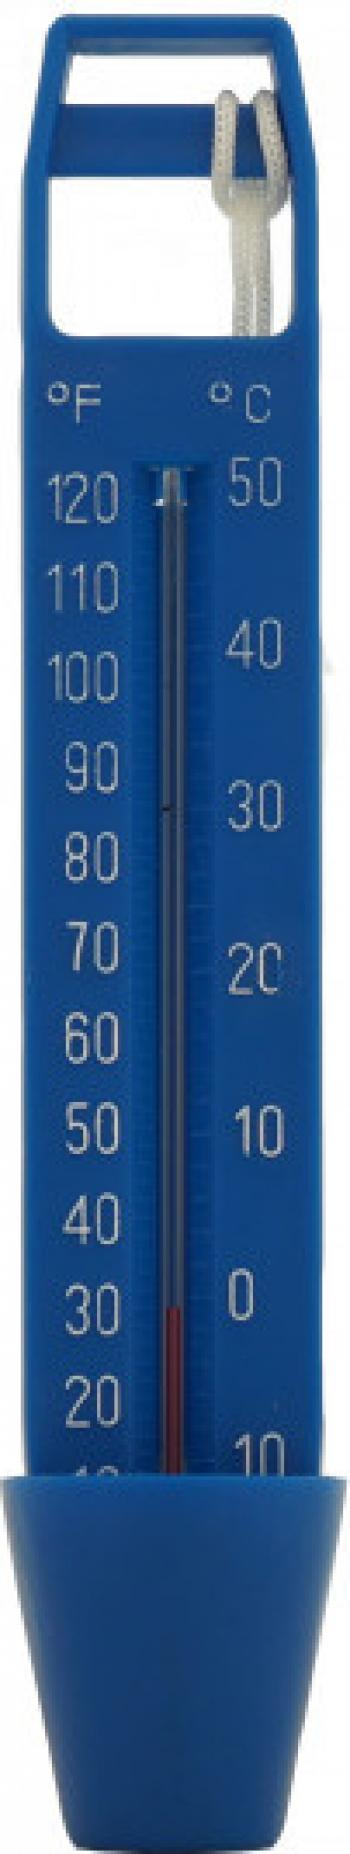 Termometru standard cu snur pentru piscine AQ